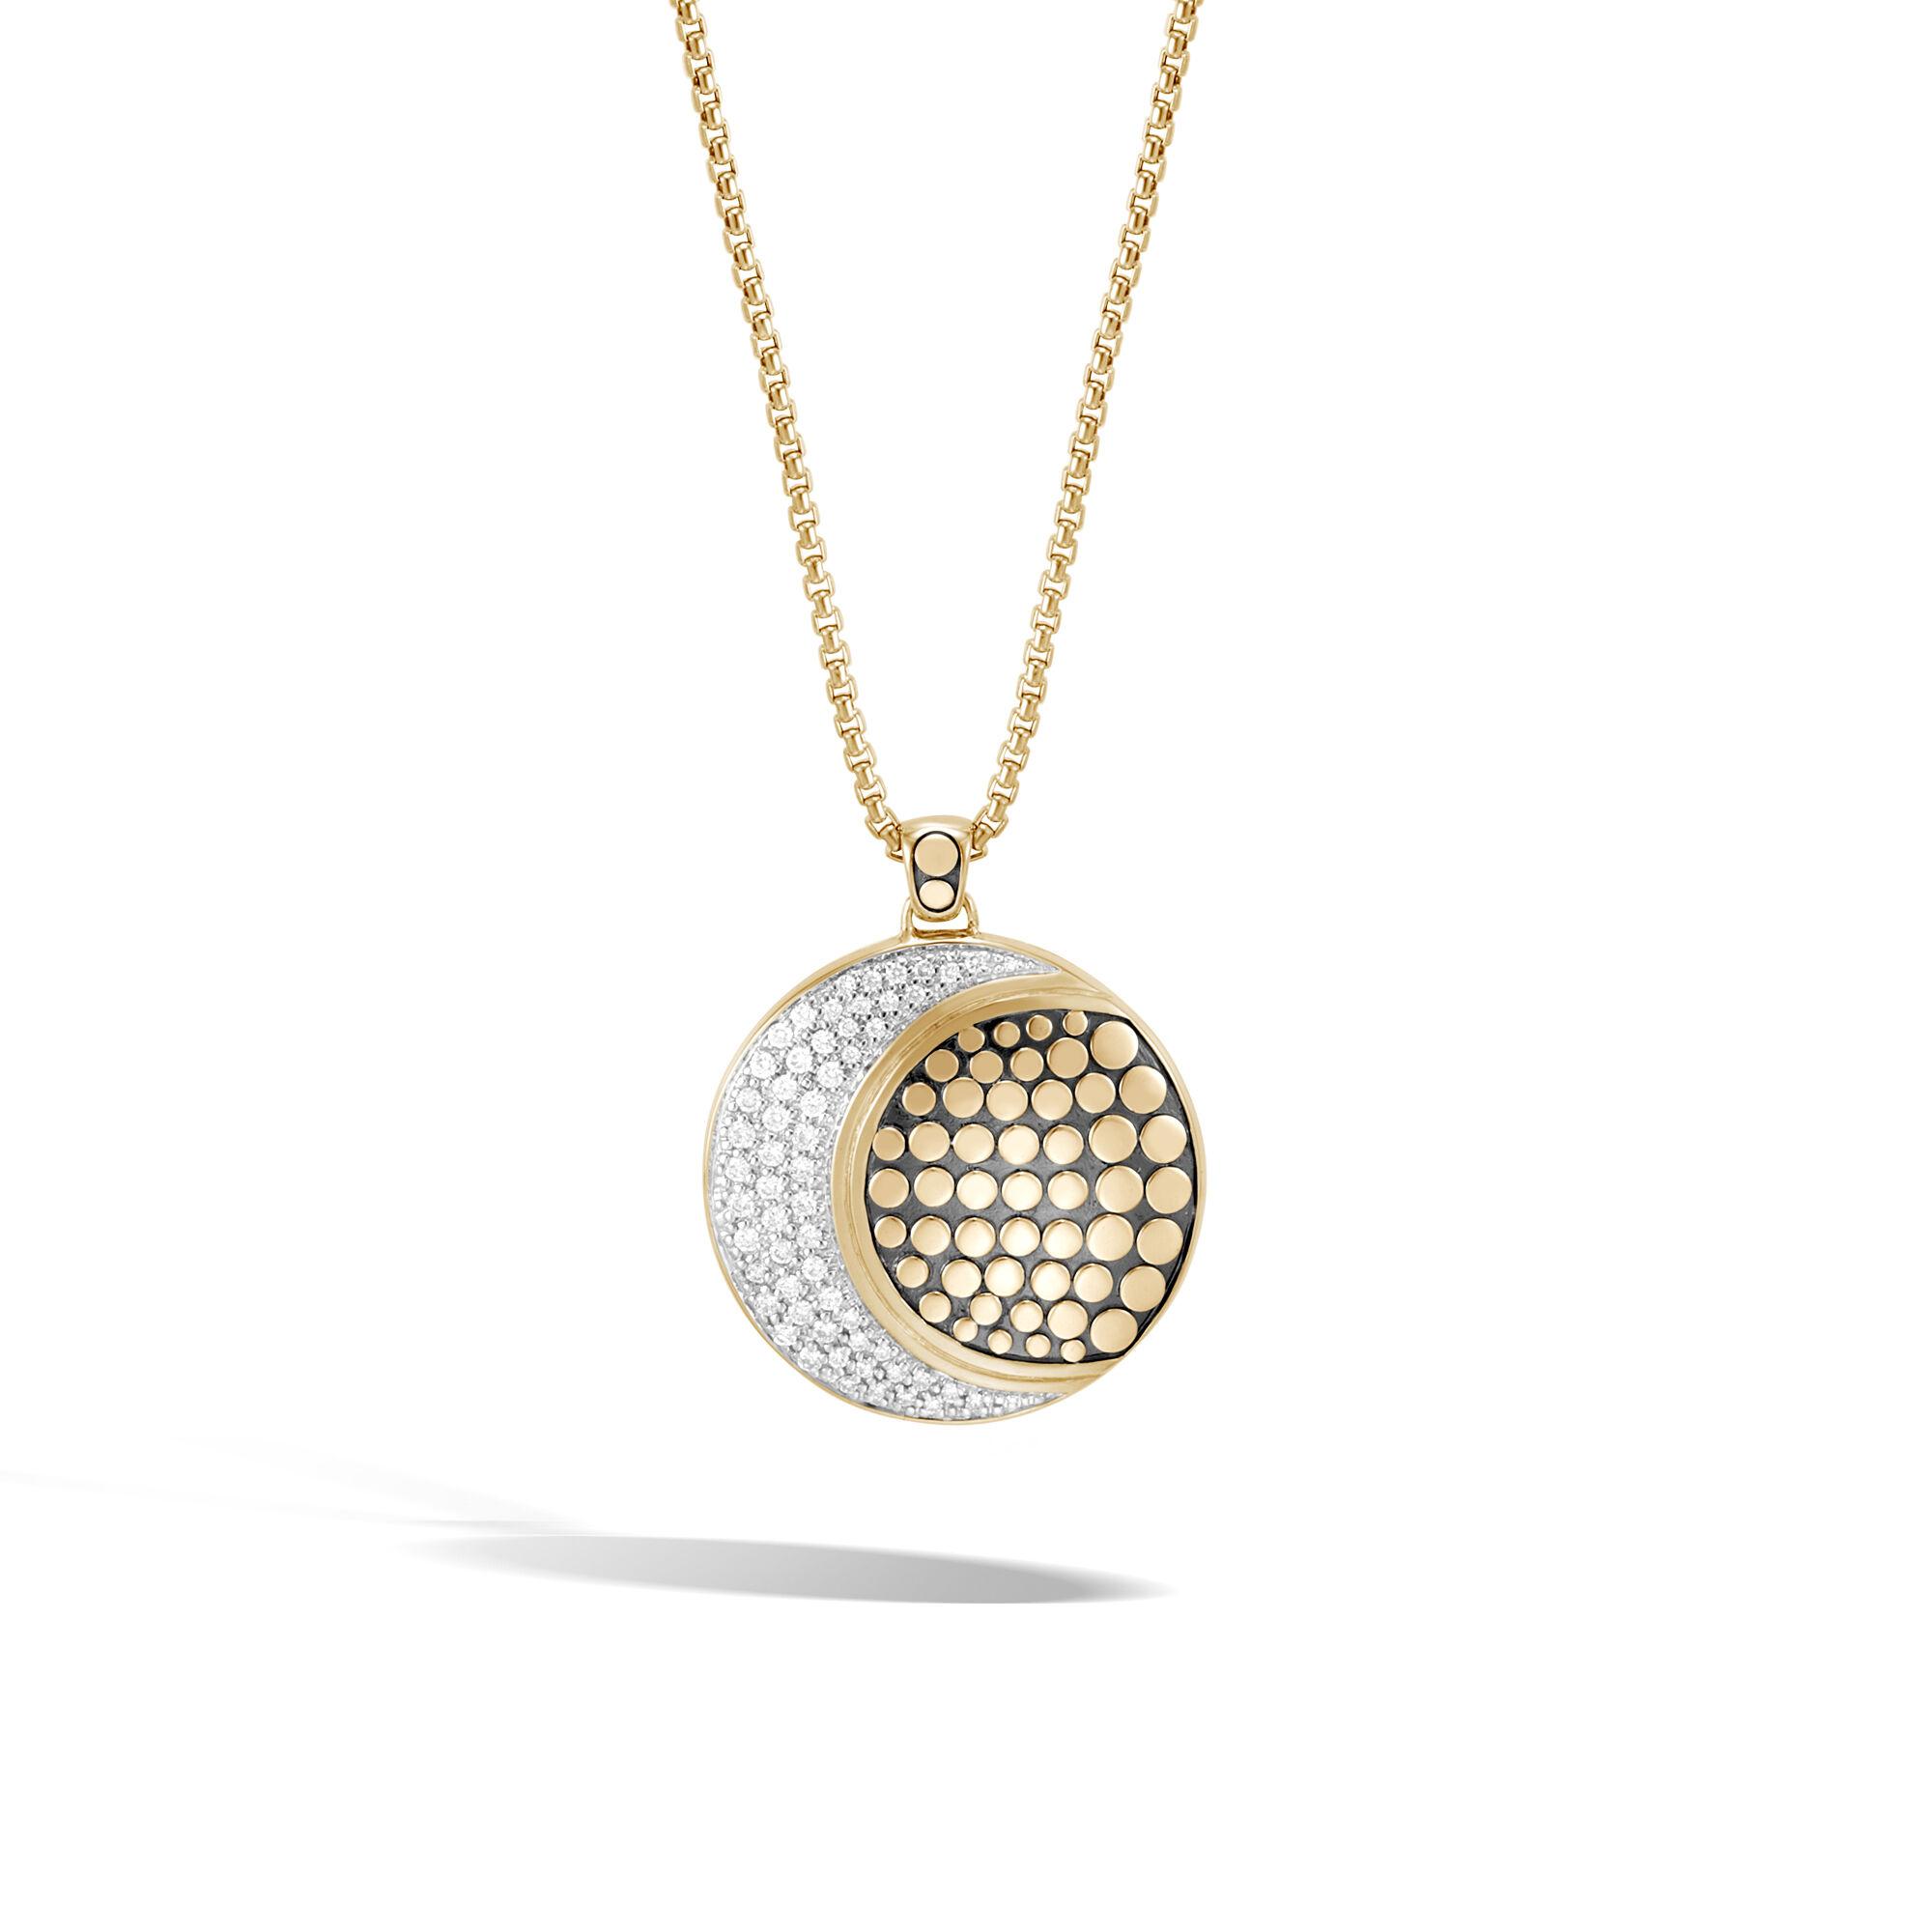 John Hardy Dot Moon Phase 18K Gold Diamond Pave Pendant Necklace, 36